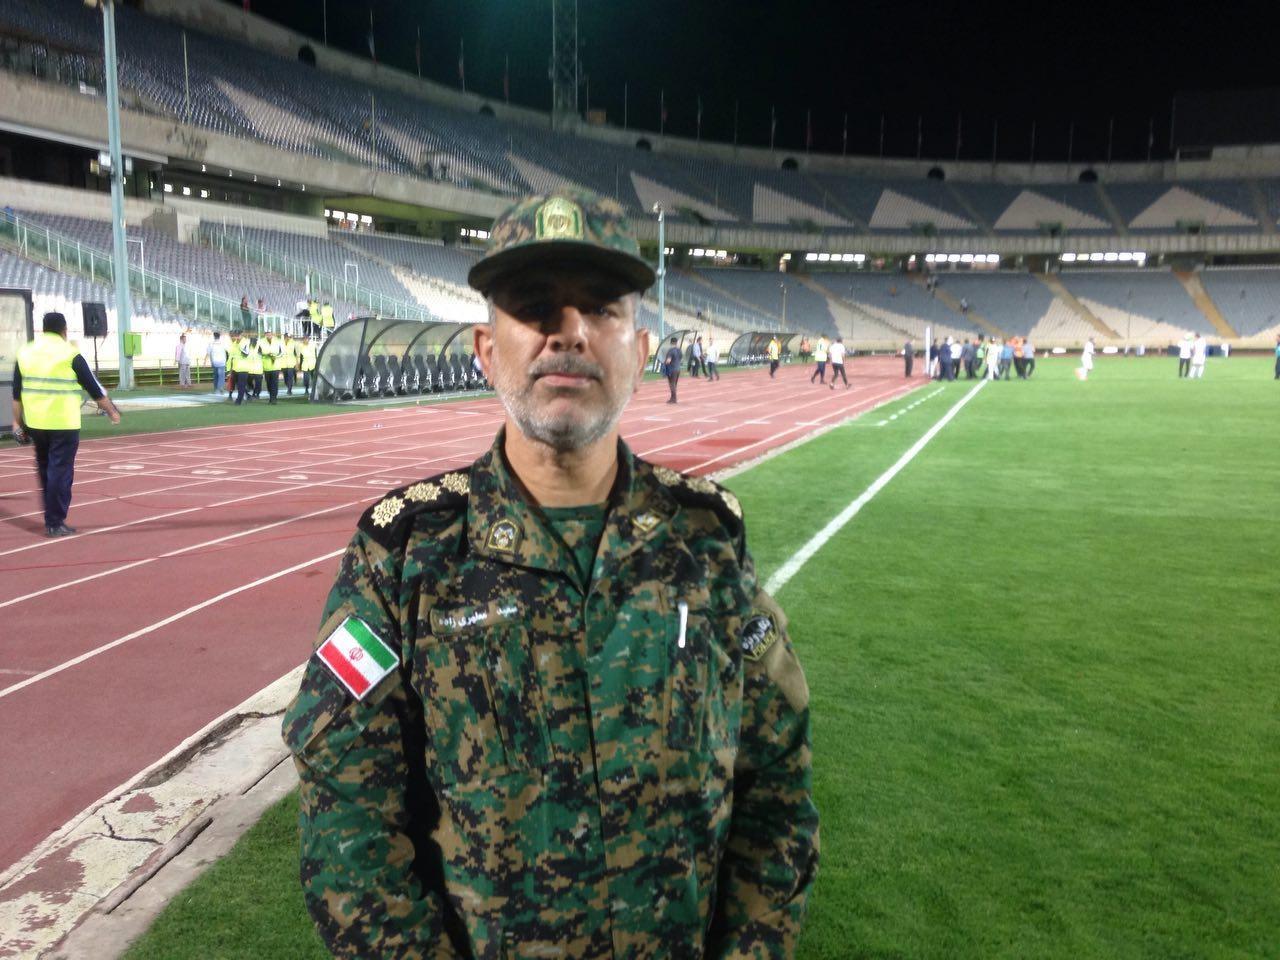 رییس یگان ویژه استادیوم آزادی: با کمک هواداران و خبرنگاران امنیت بازی را برقرار کردیم